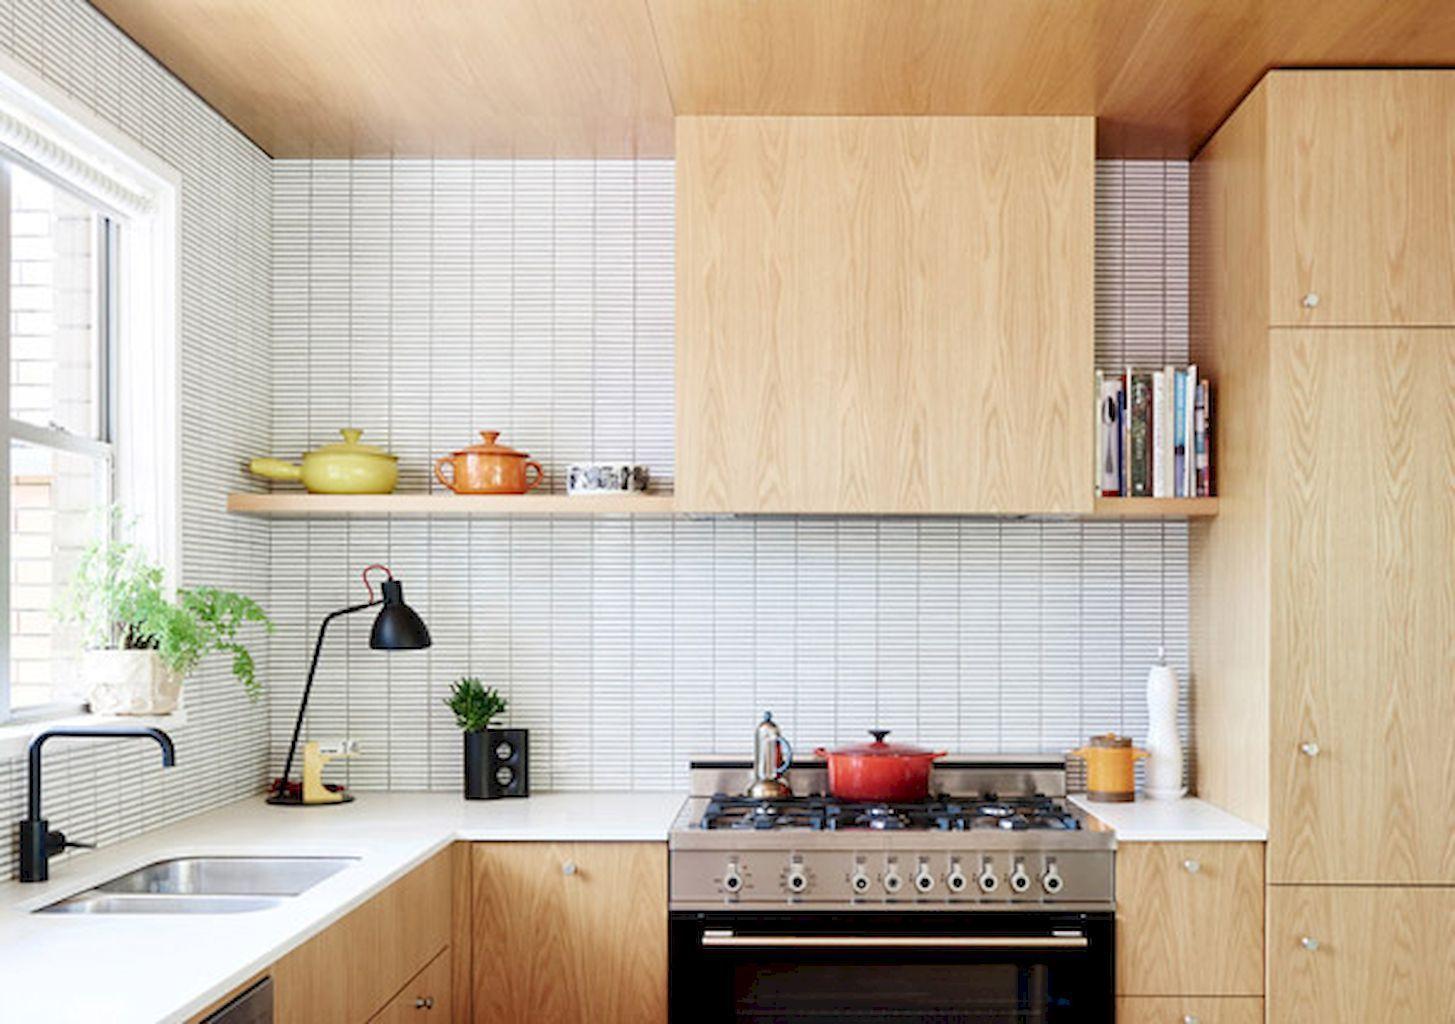 mid century modern kitchen design ideas 26 in 2019 rooms modern rh pinterest com